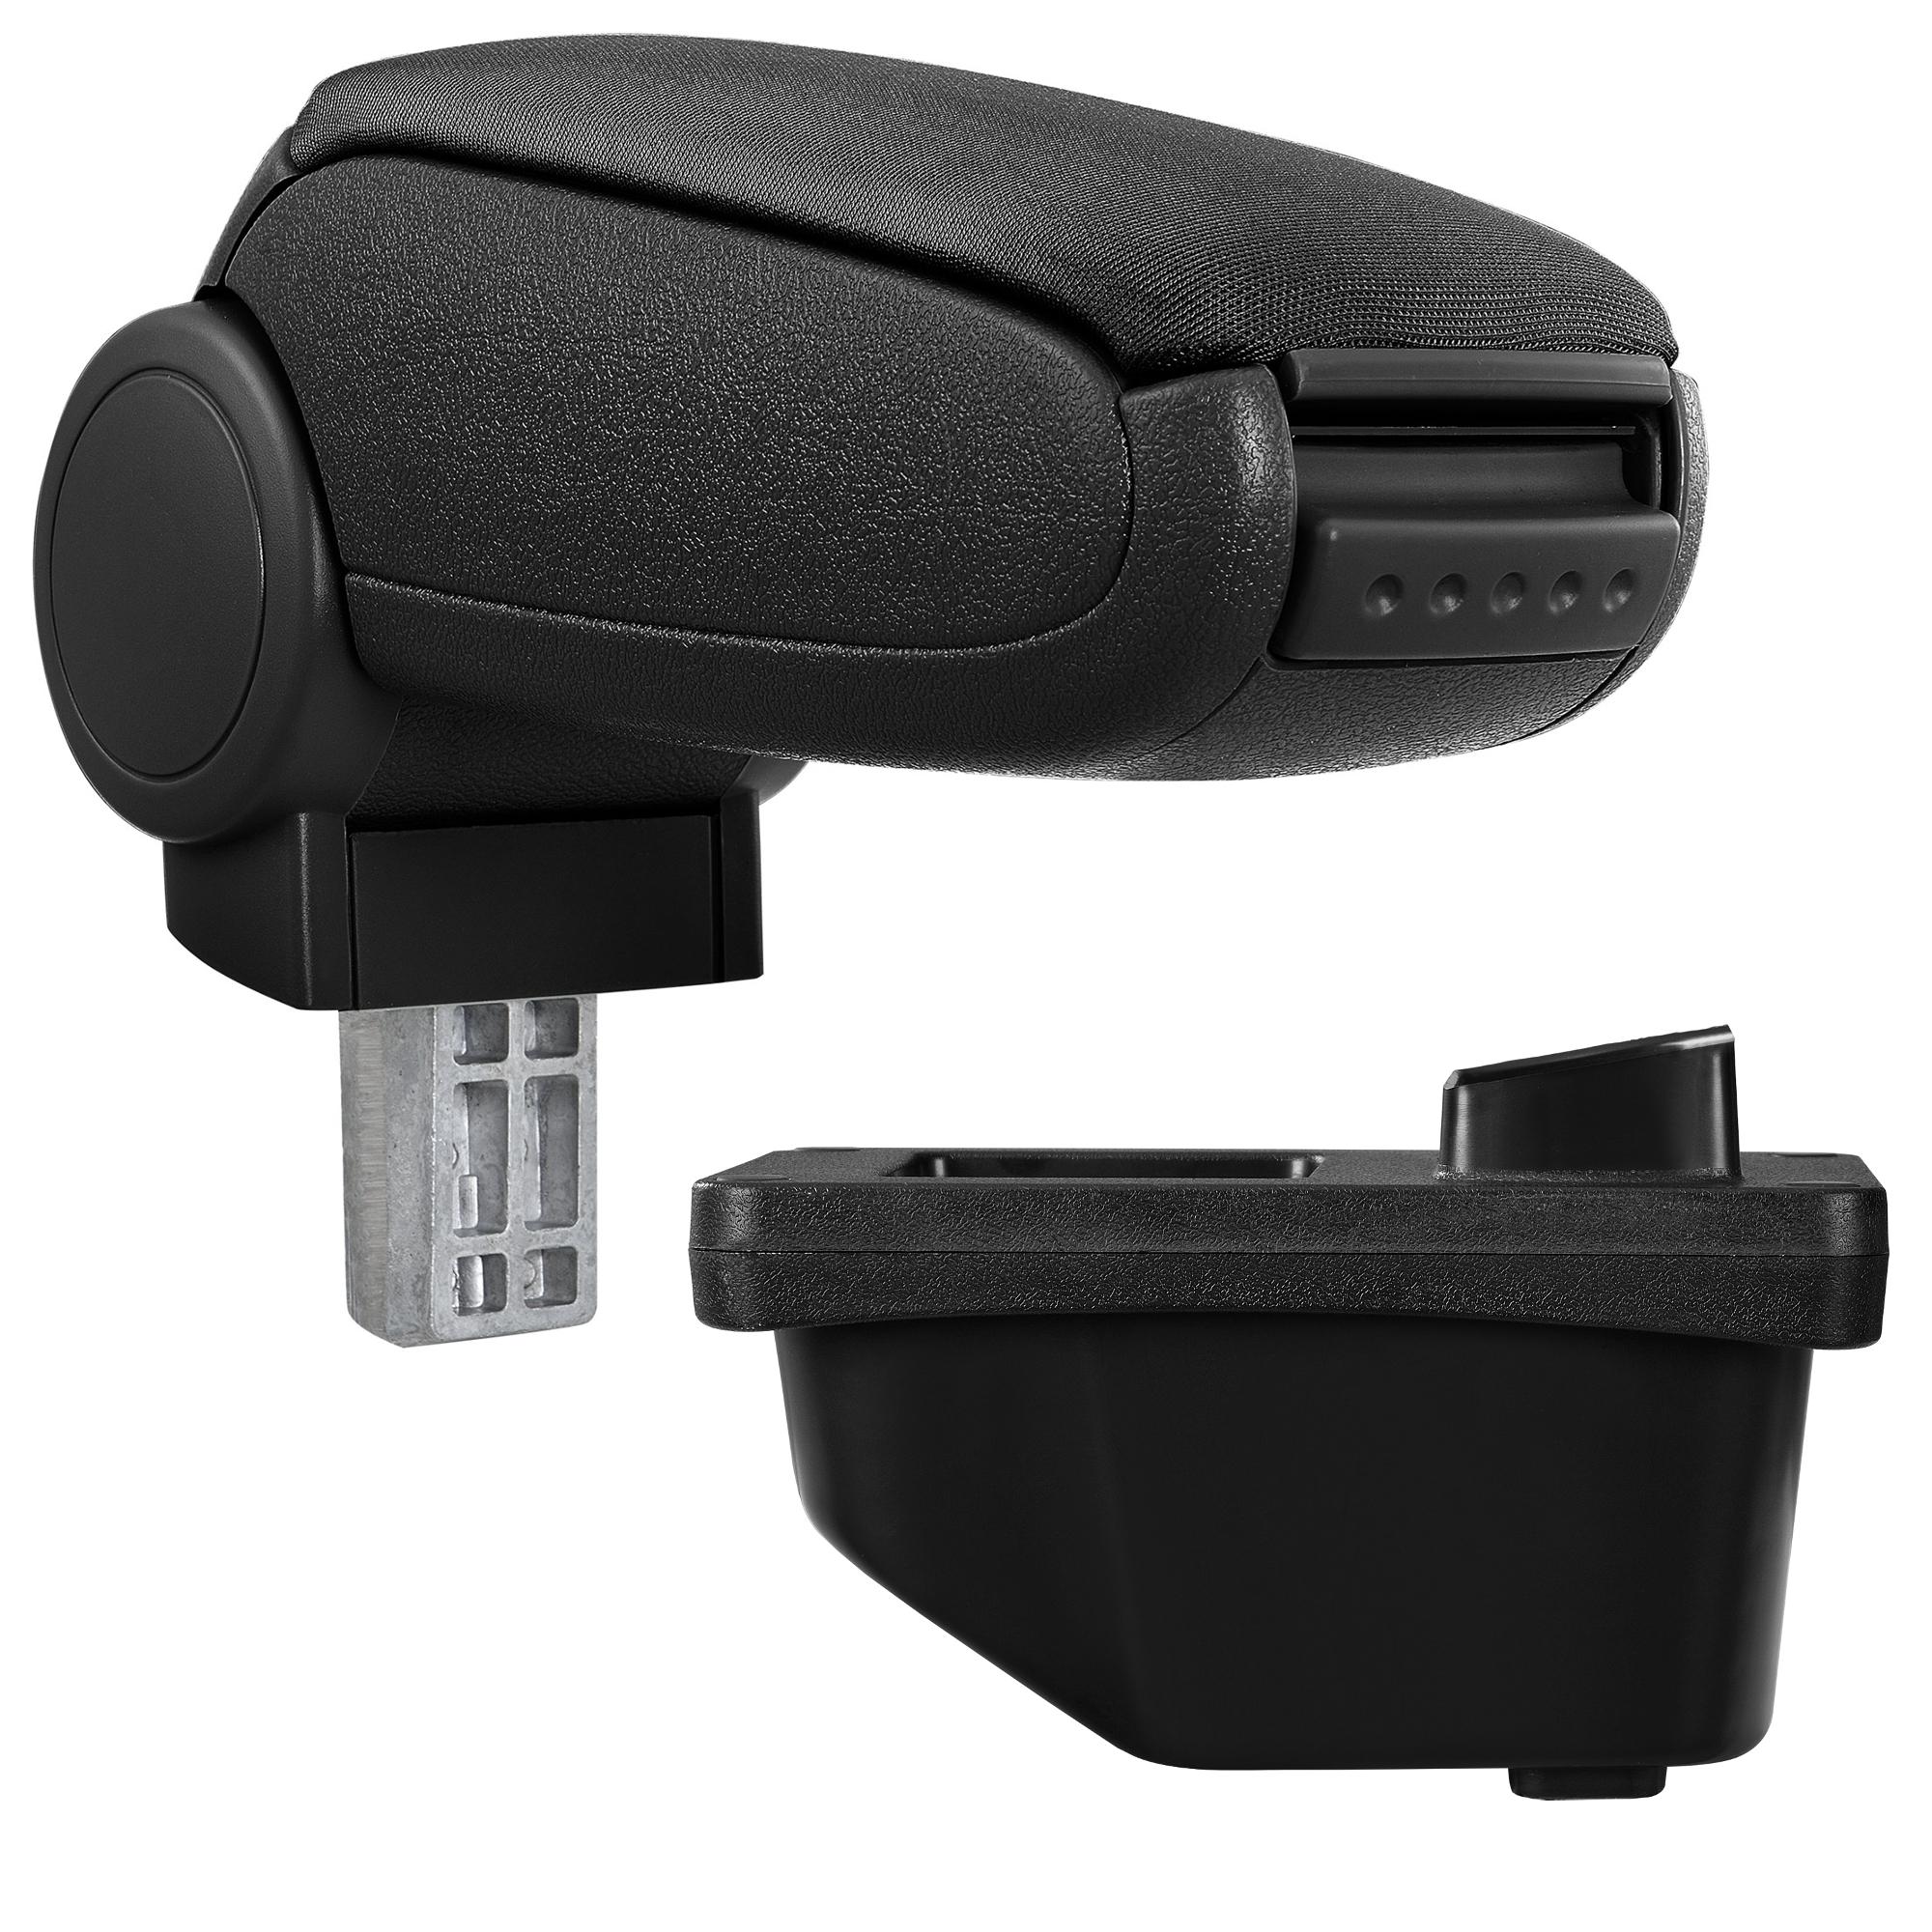 Středová loketní opěrka - vhodná pro: Peugeot 308 I (Rok výroby 2007-2015 / 3dv/5dv, SW und CC) - Látkový potah (plochá tkanina) - Černá s černými švy